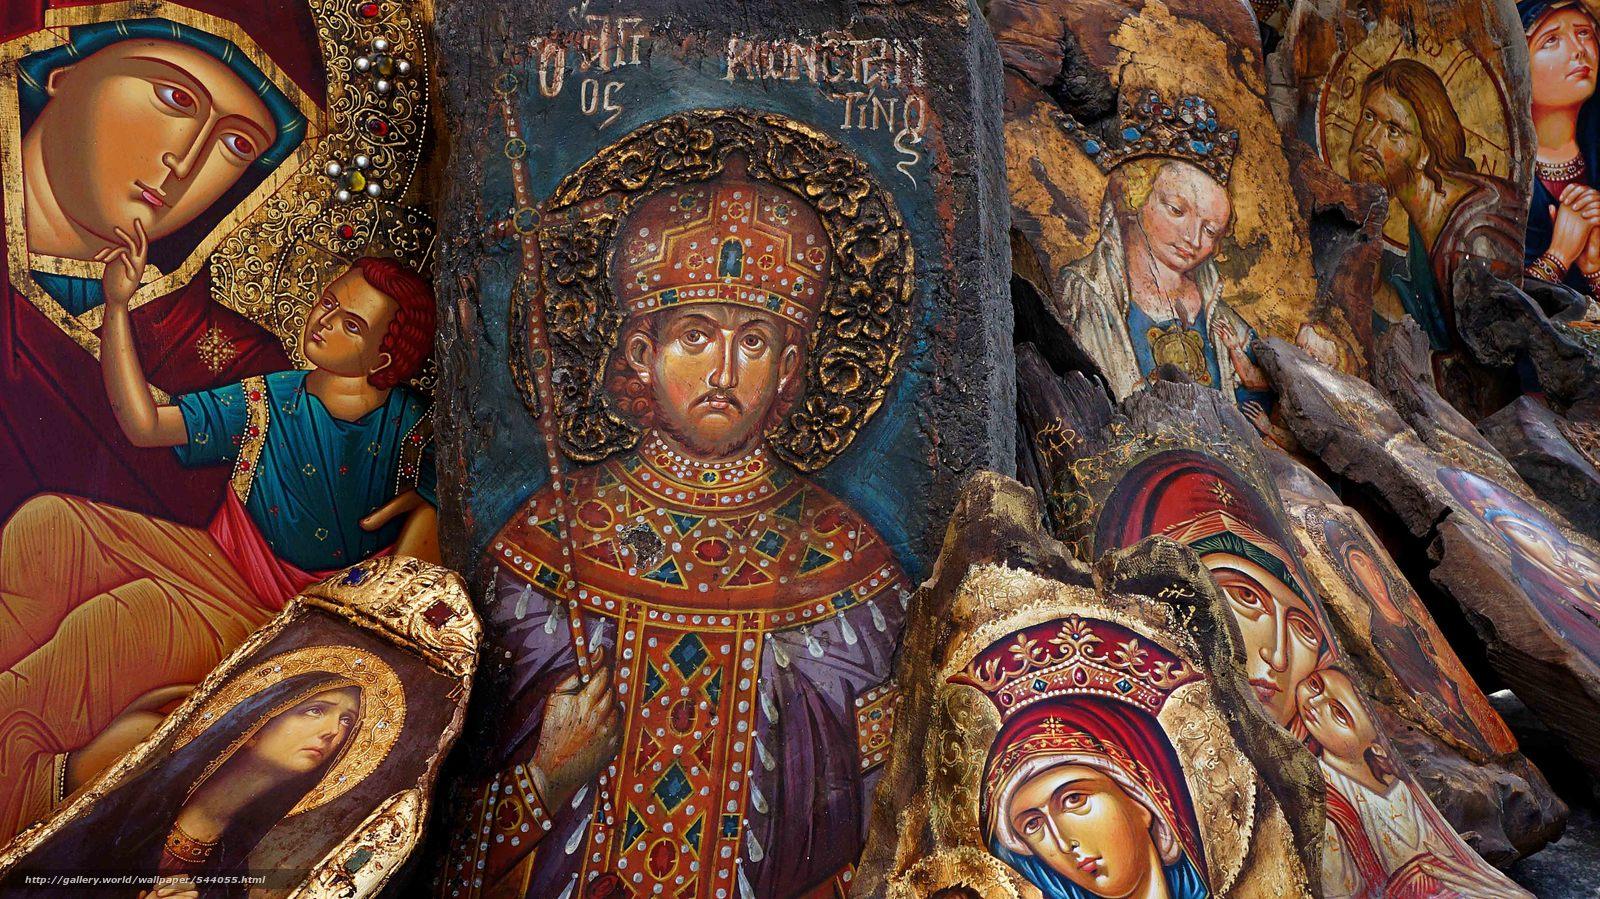 Tlcharger Fond d'ecran Icônes orthodoxes,  Saints,  visages Fonds d'ecran gratuits pour votre rsolution du bureau 4912x2760 — image №544055